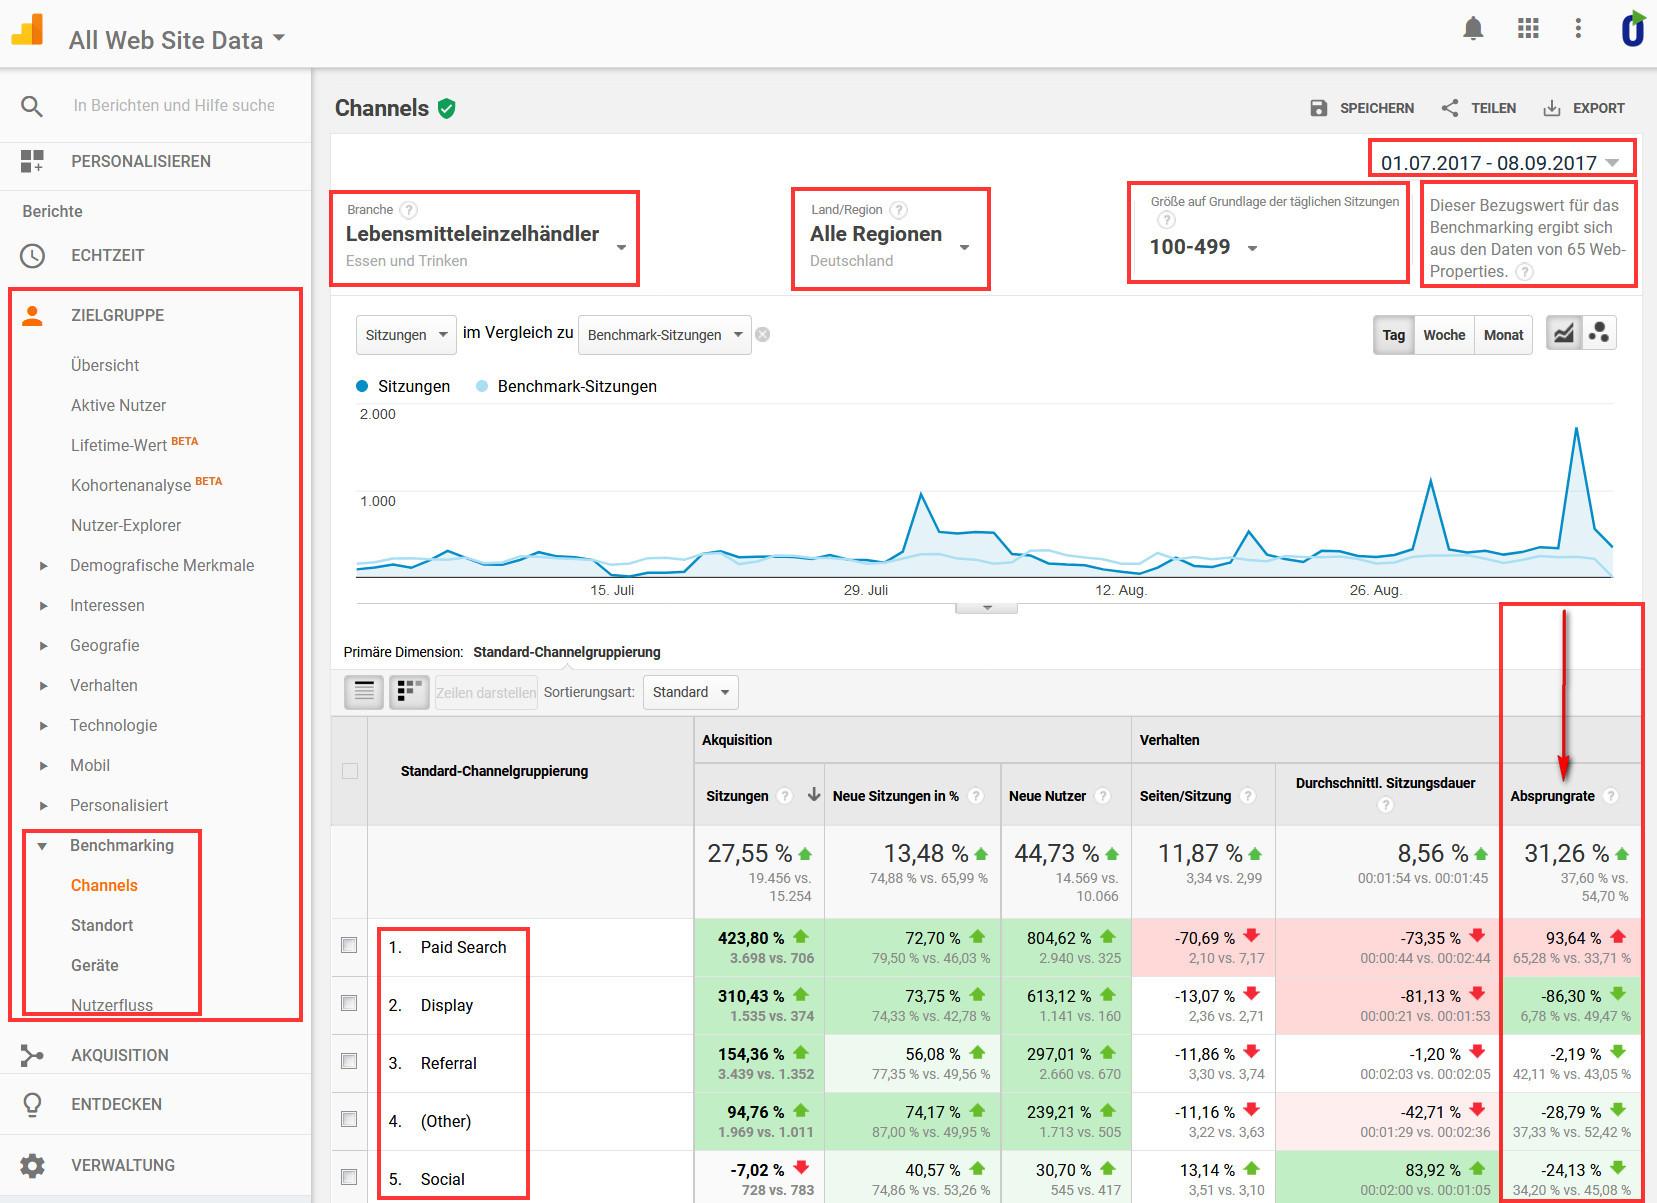 Absprungraten - Benchmarking mit Google Analytics